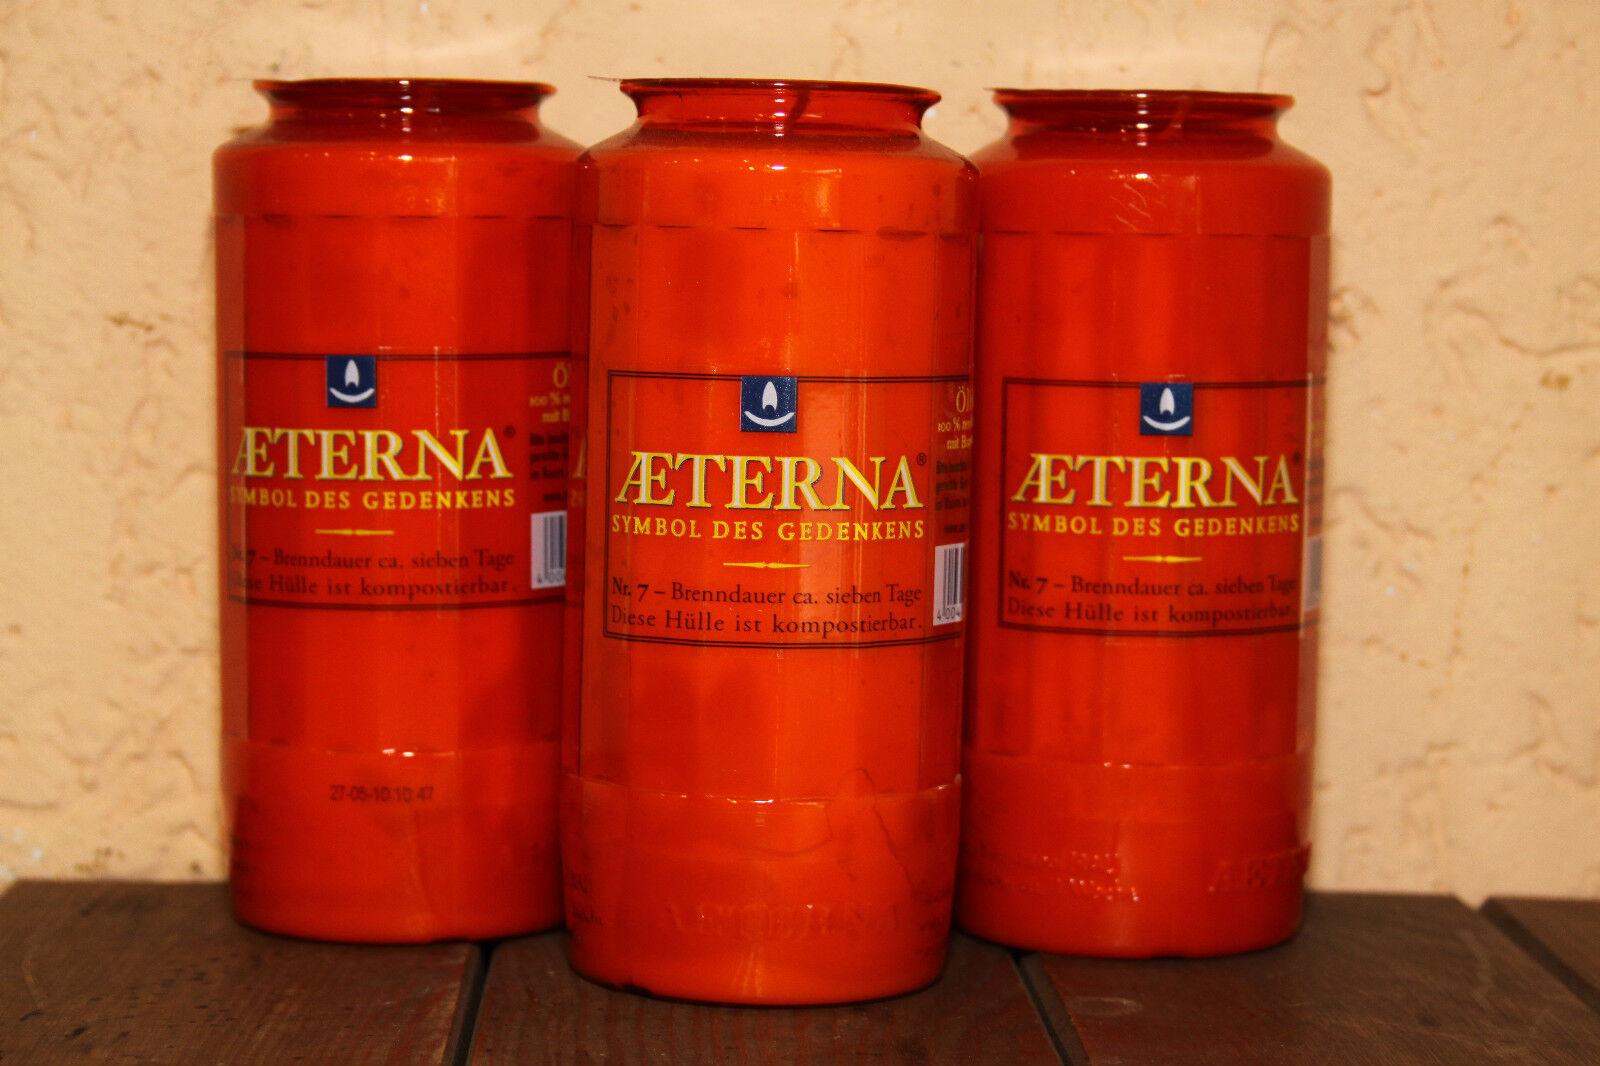 40 Grabkerzen rot Aeterna T7 Premium Öko Öko Öko Grabkerze Grablicht Grab Nr.7 | Won hoch geschätzt und weithin vertraut im in- und Ausland vertraut  6d079b